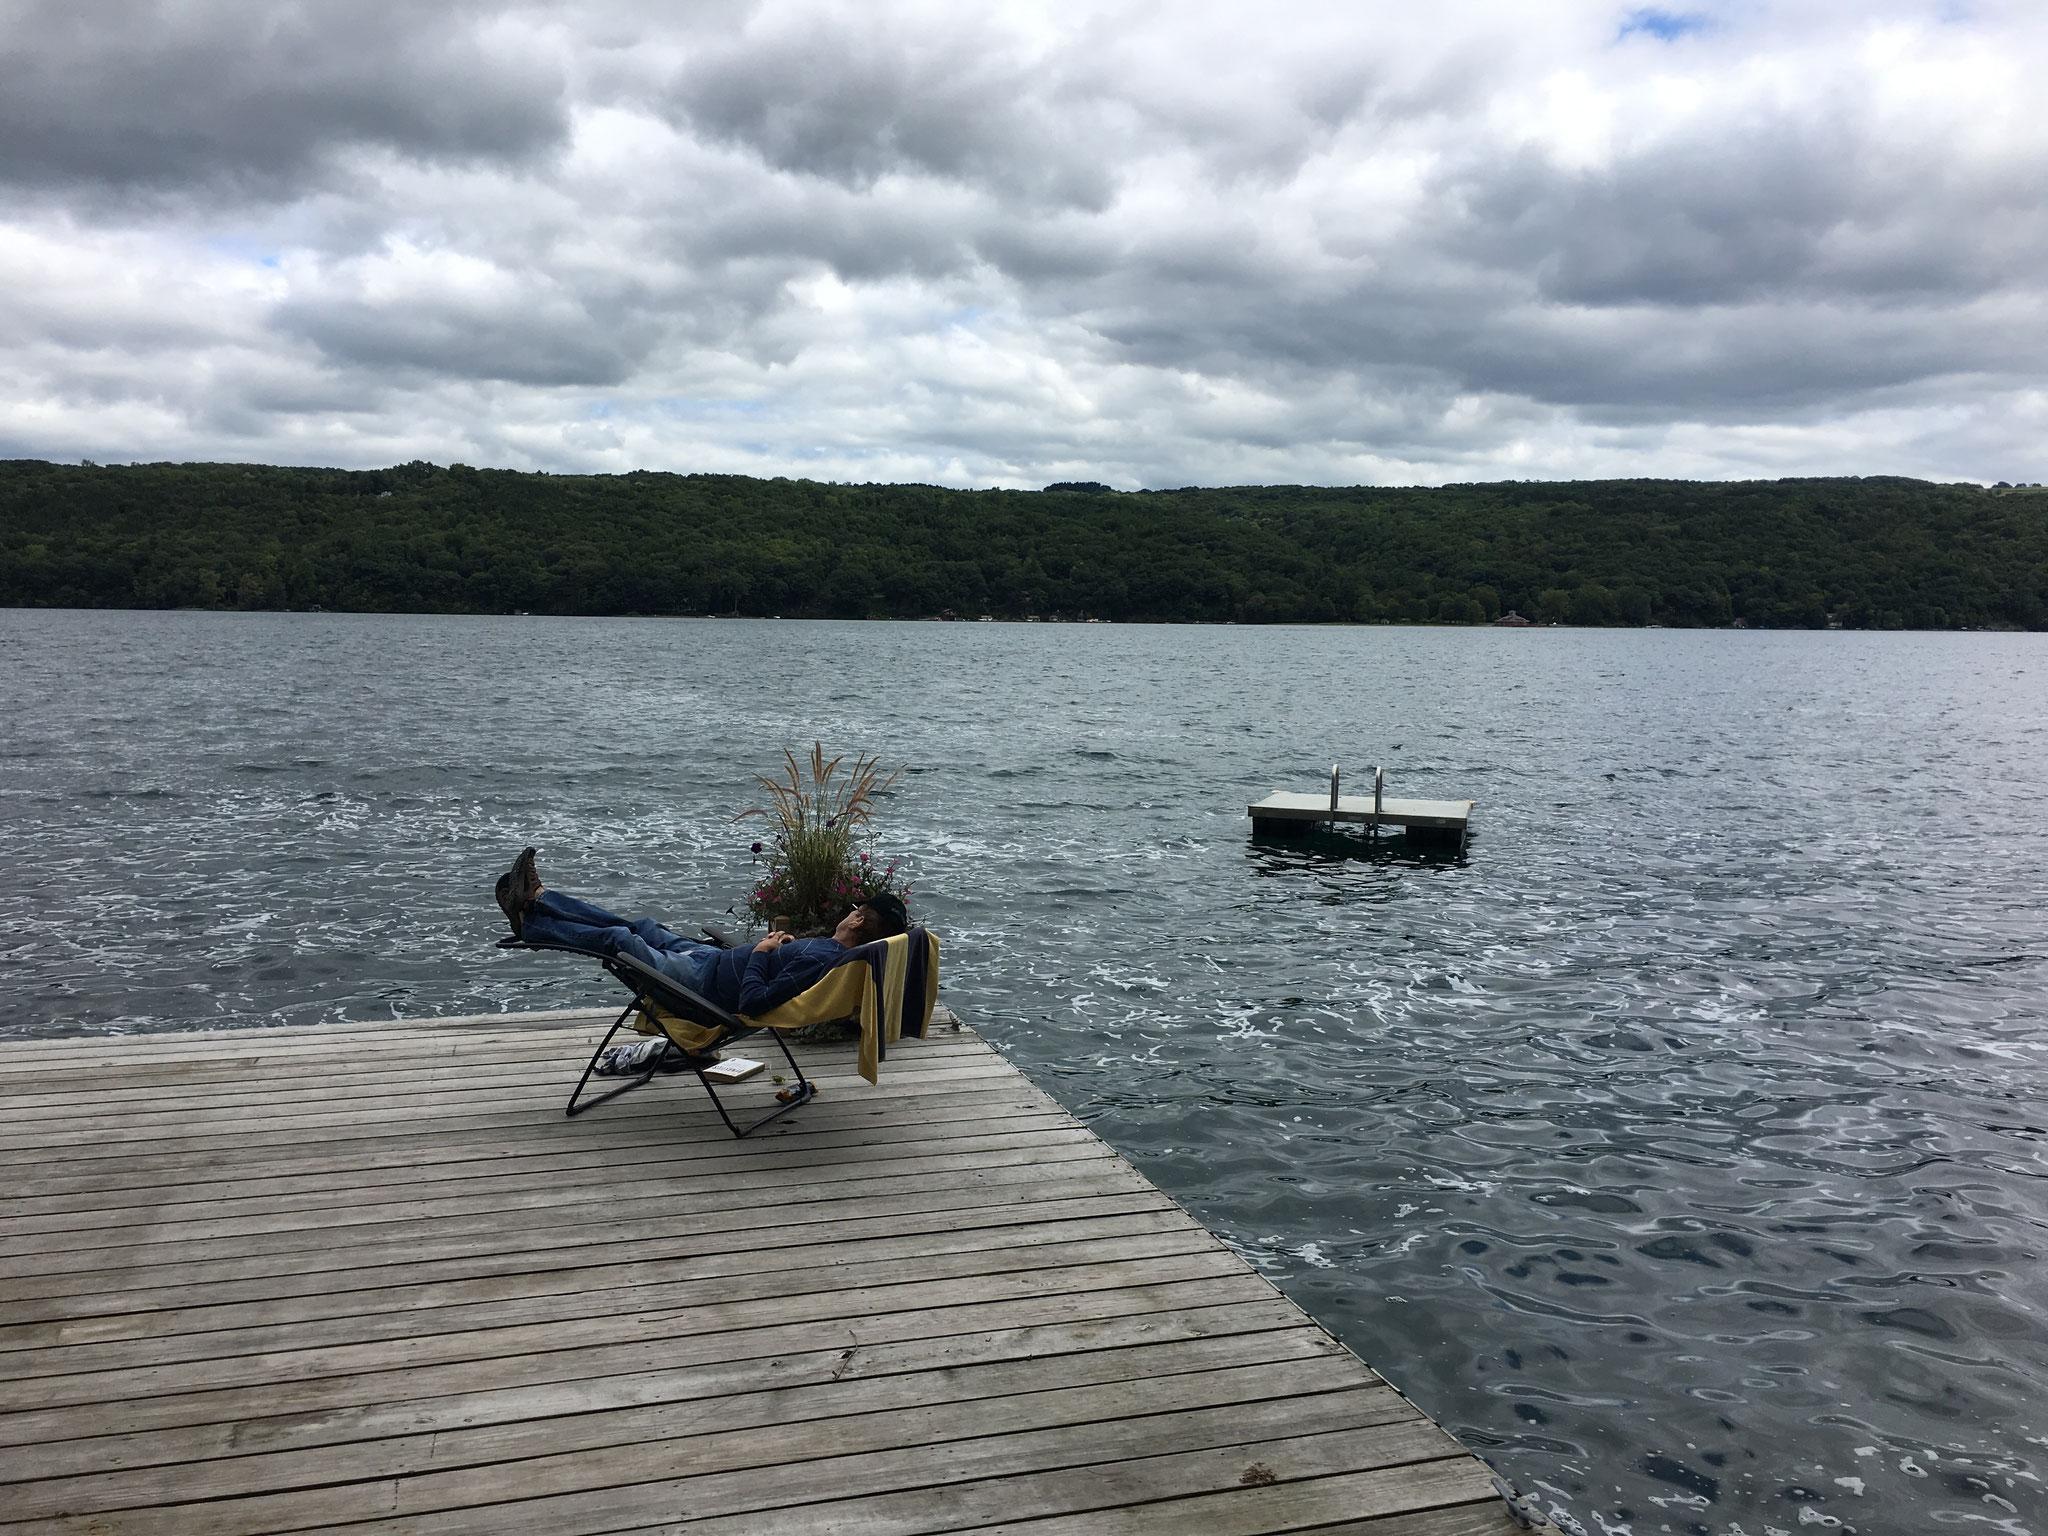 John on a cloudy day, Skaneateles Lake